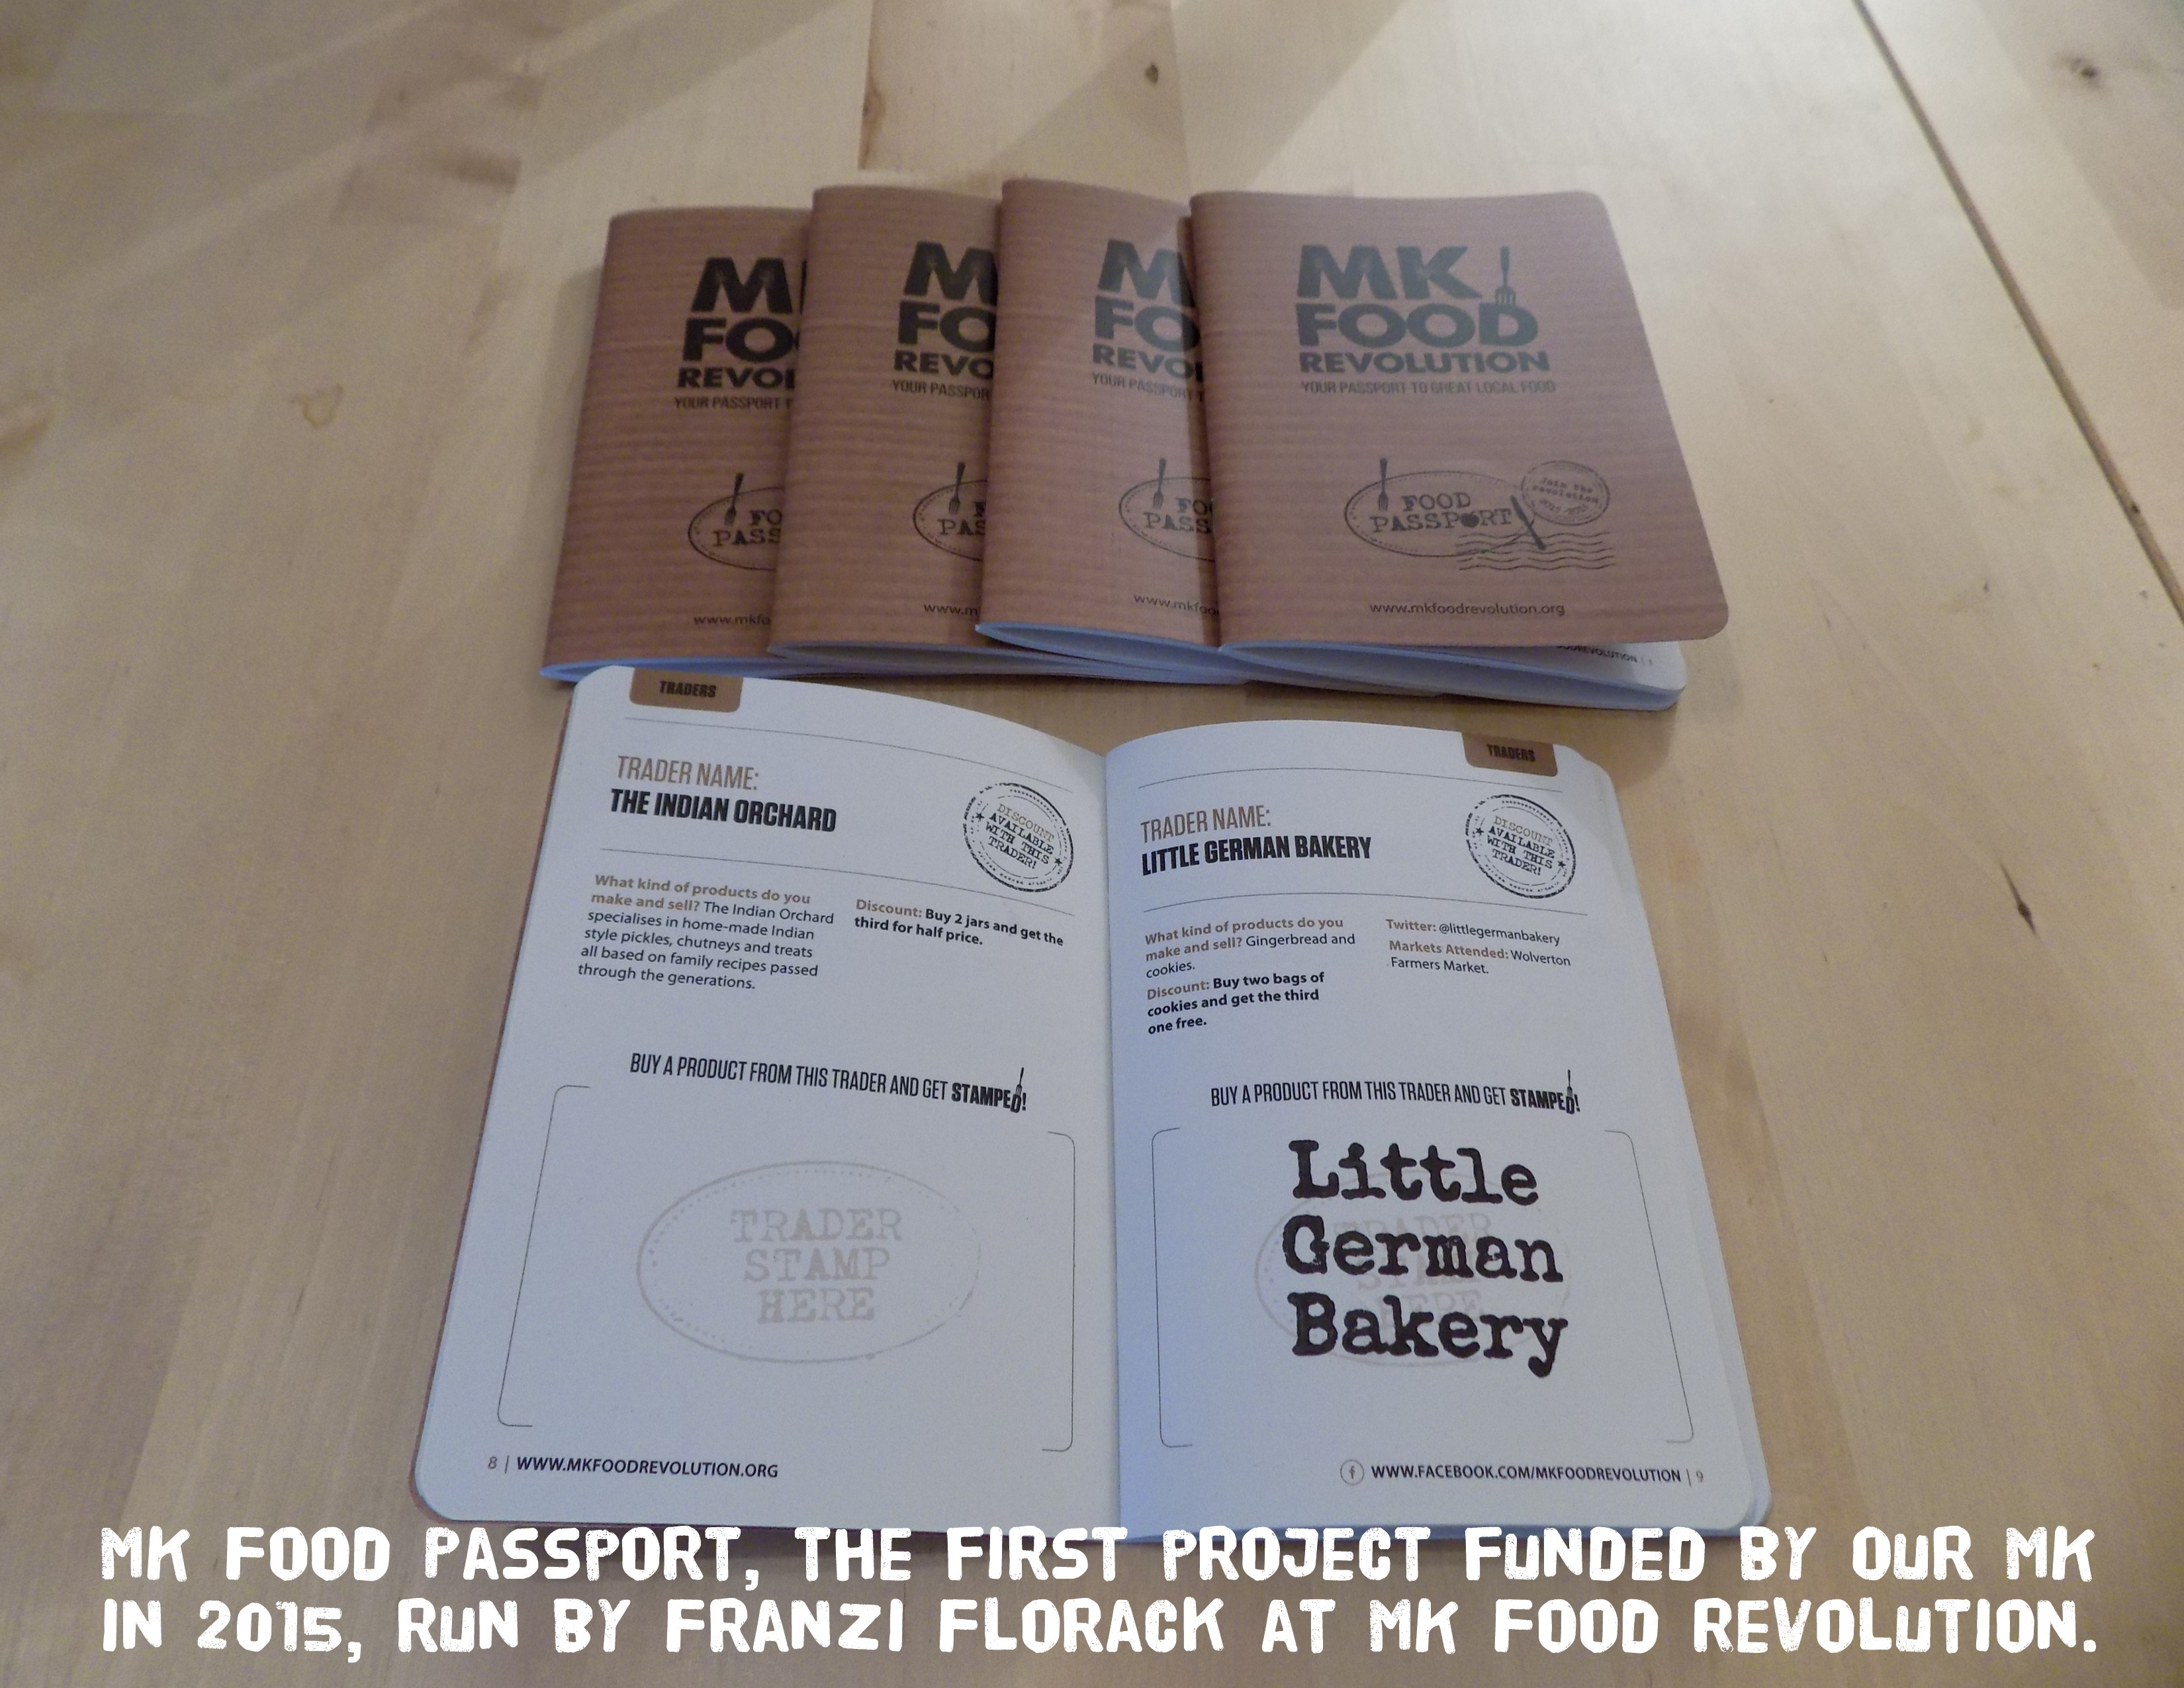 mk-food-passport-scheme-1